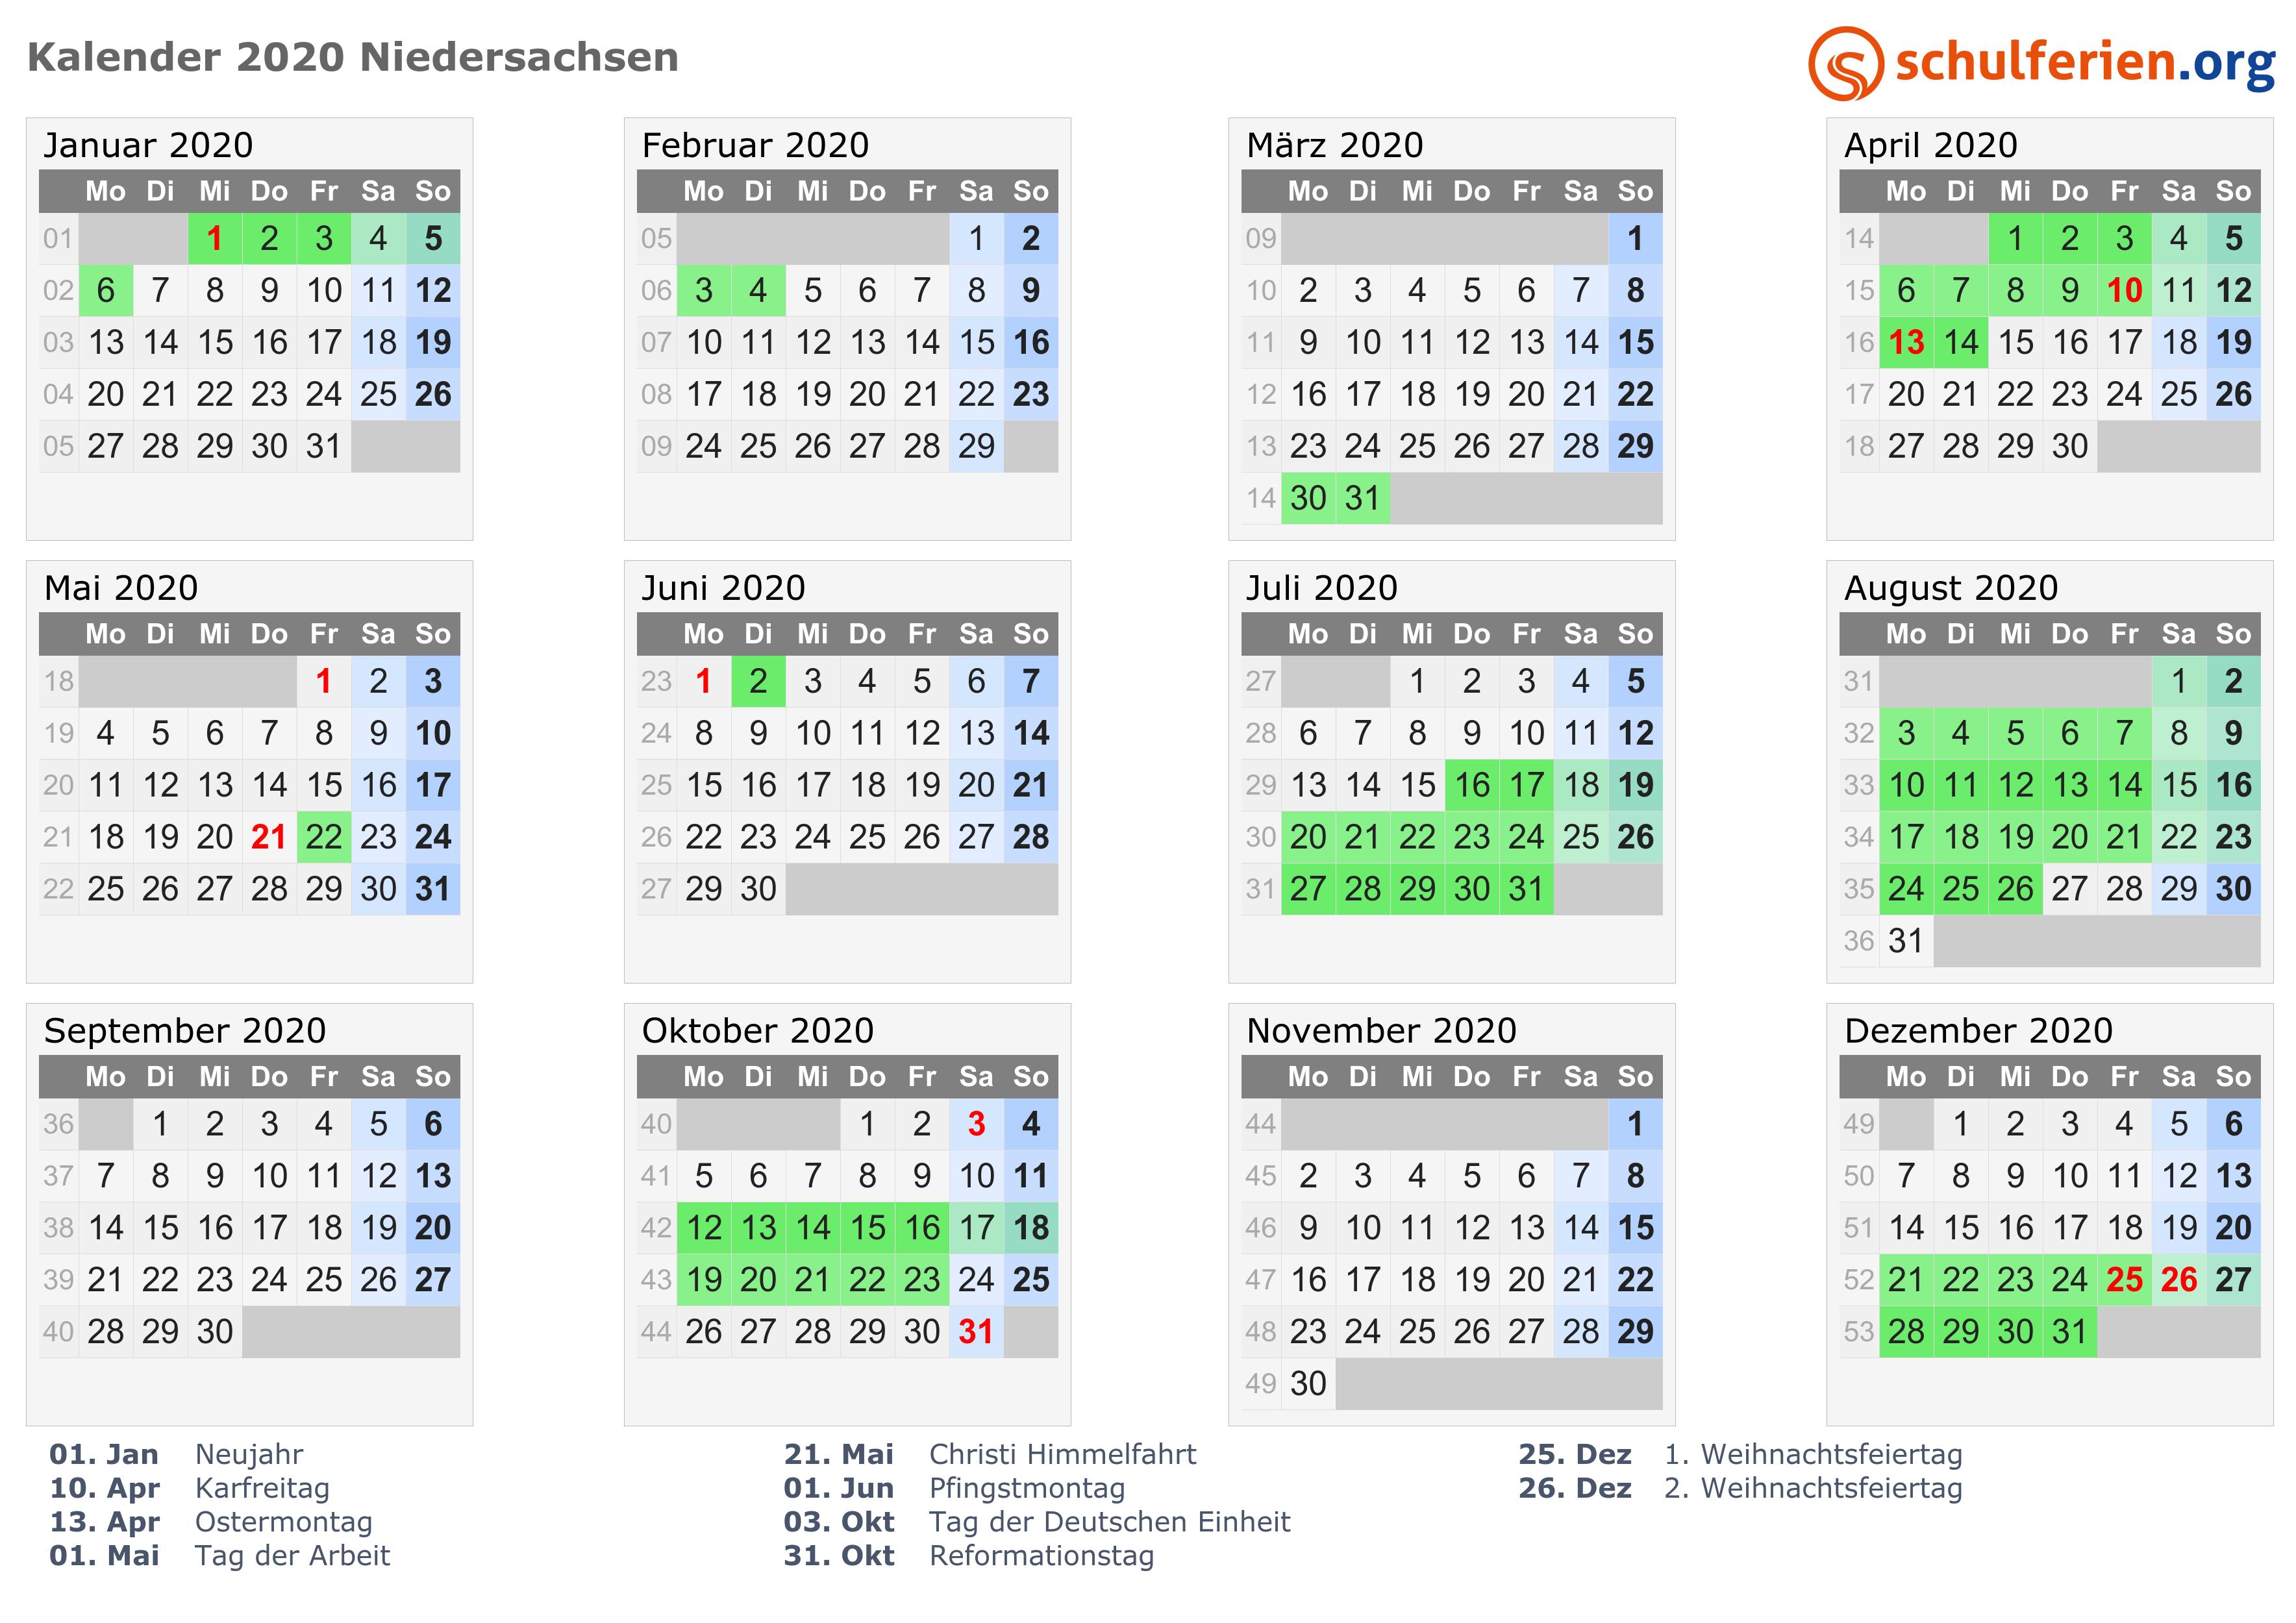 Kalender 2020 mit Ferien und Feiertagen Niedersachsen